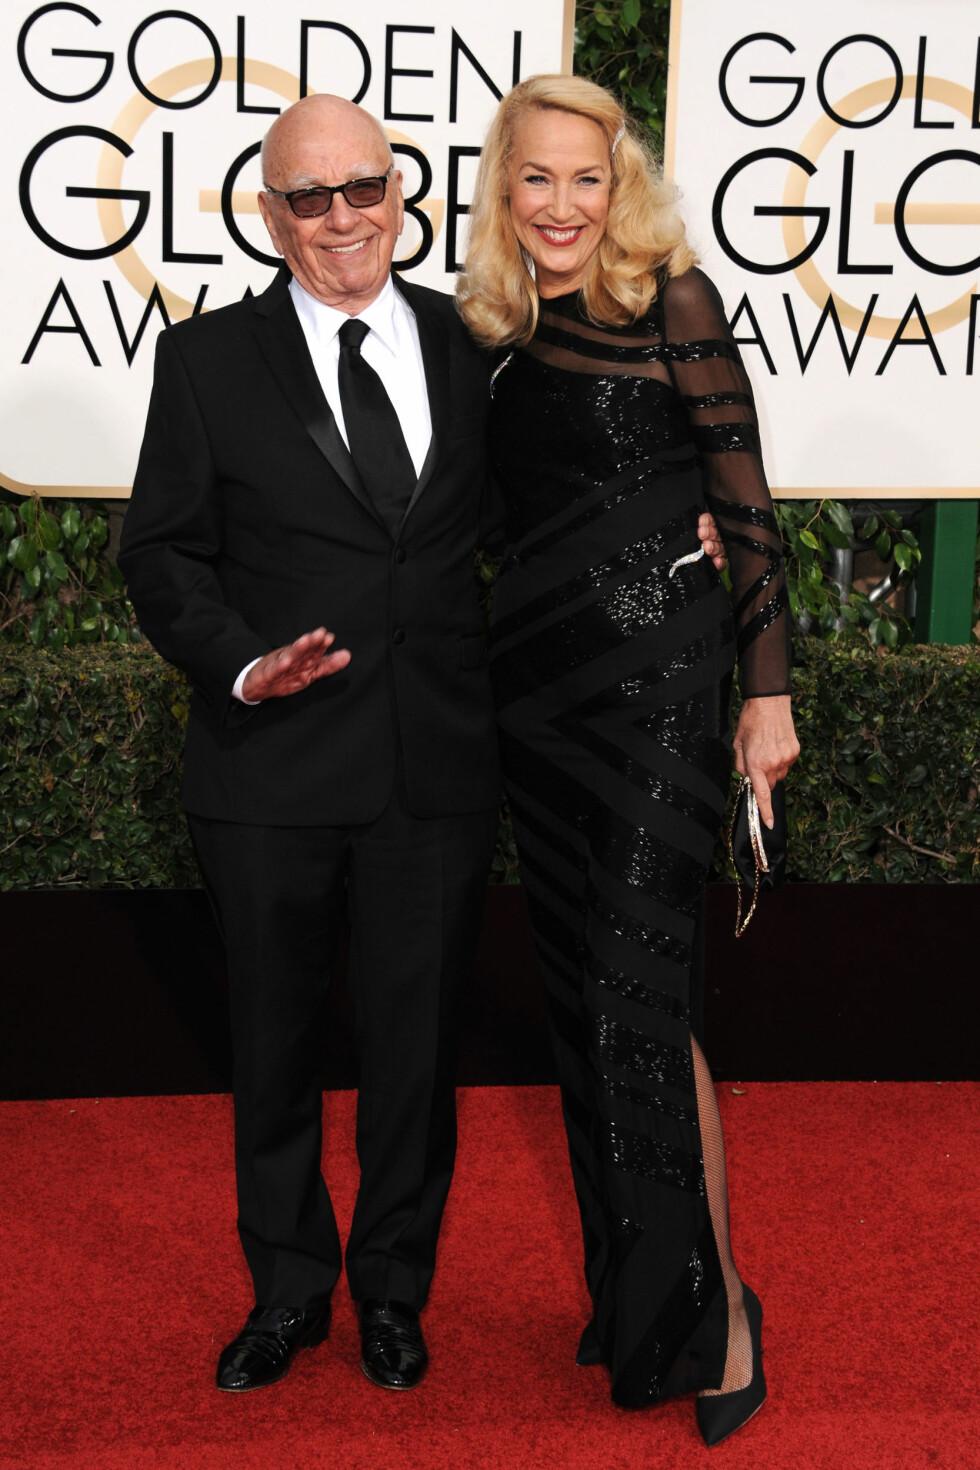 SØKKRIK: Jerry Halls forlovede Rupert Murdoch (t.v) har ifølge Forbes en formue på omlag 100 milliarder kroner. Mariah Careys forlovede, James Packer, har «bare» en formue på 32 milliarder kroner.  Foto: Zuma Press